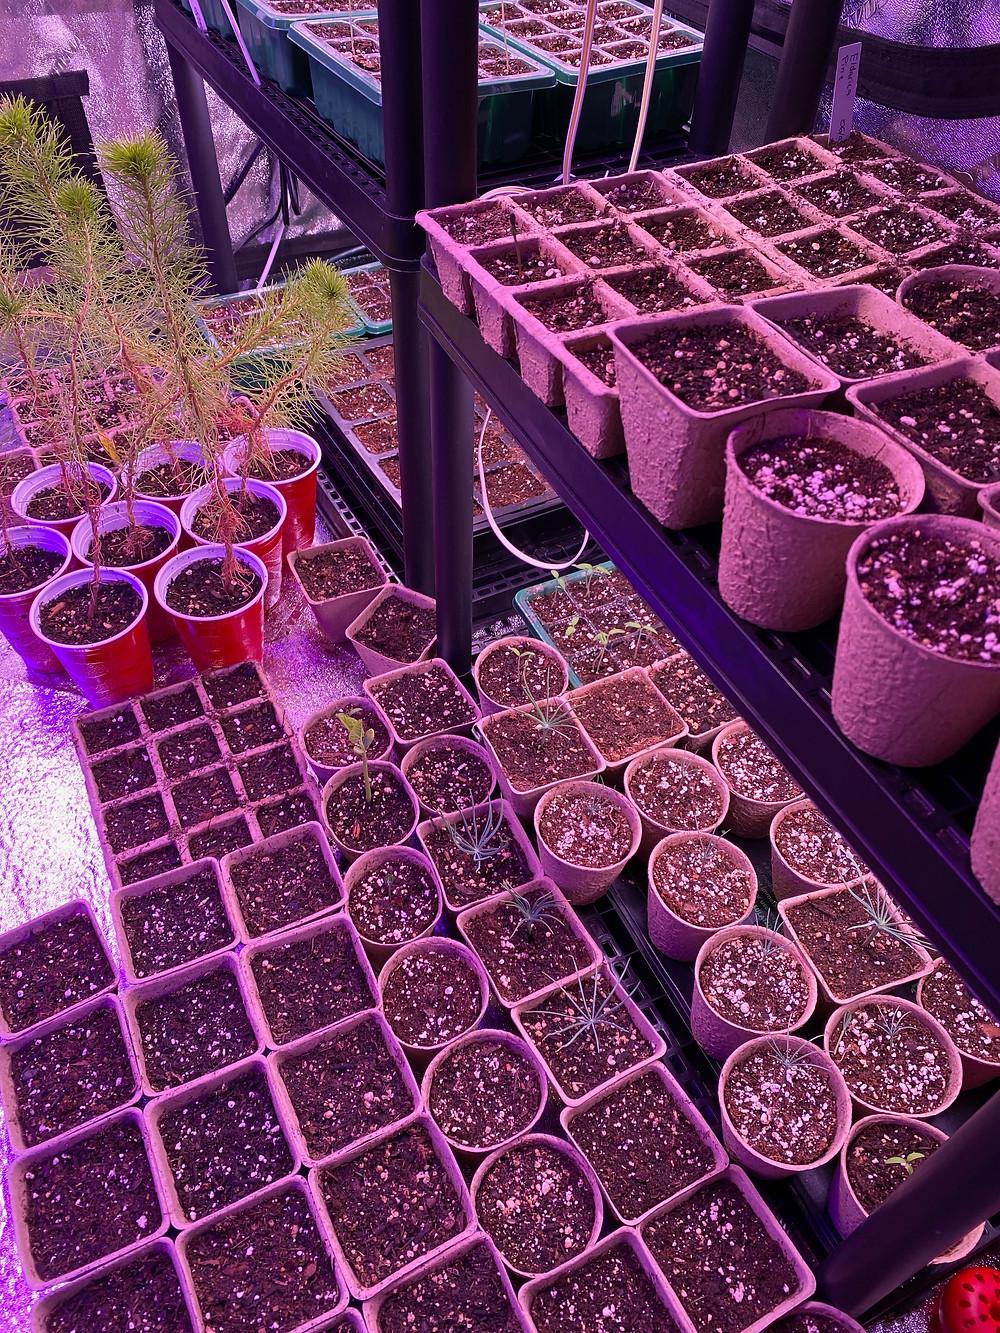 growing Christmas tree seedlings in a grow tent